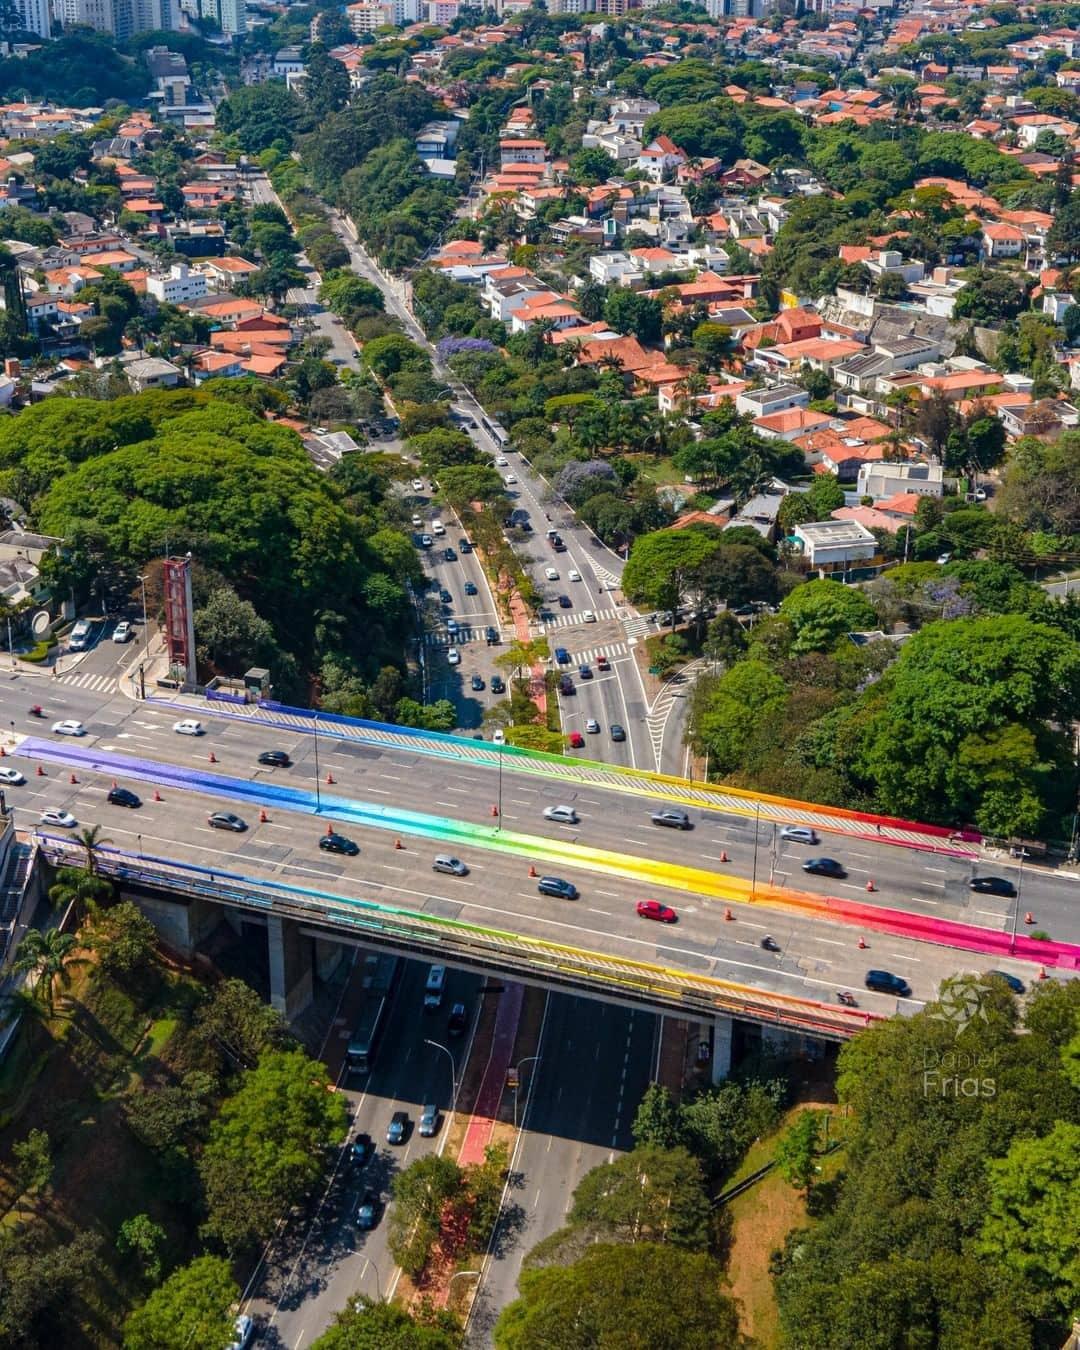 Obra de Mena no Viaduto do Sumaré é vista de cima com cores do arco-íris nos muros do viaduto.